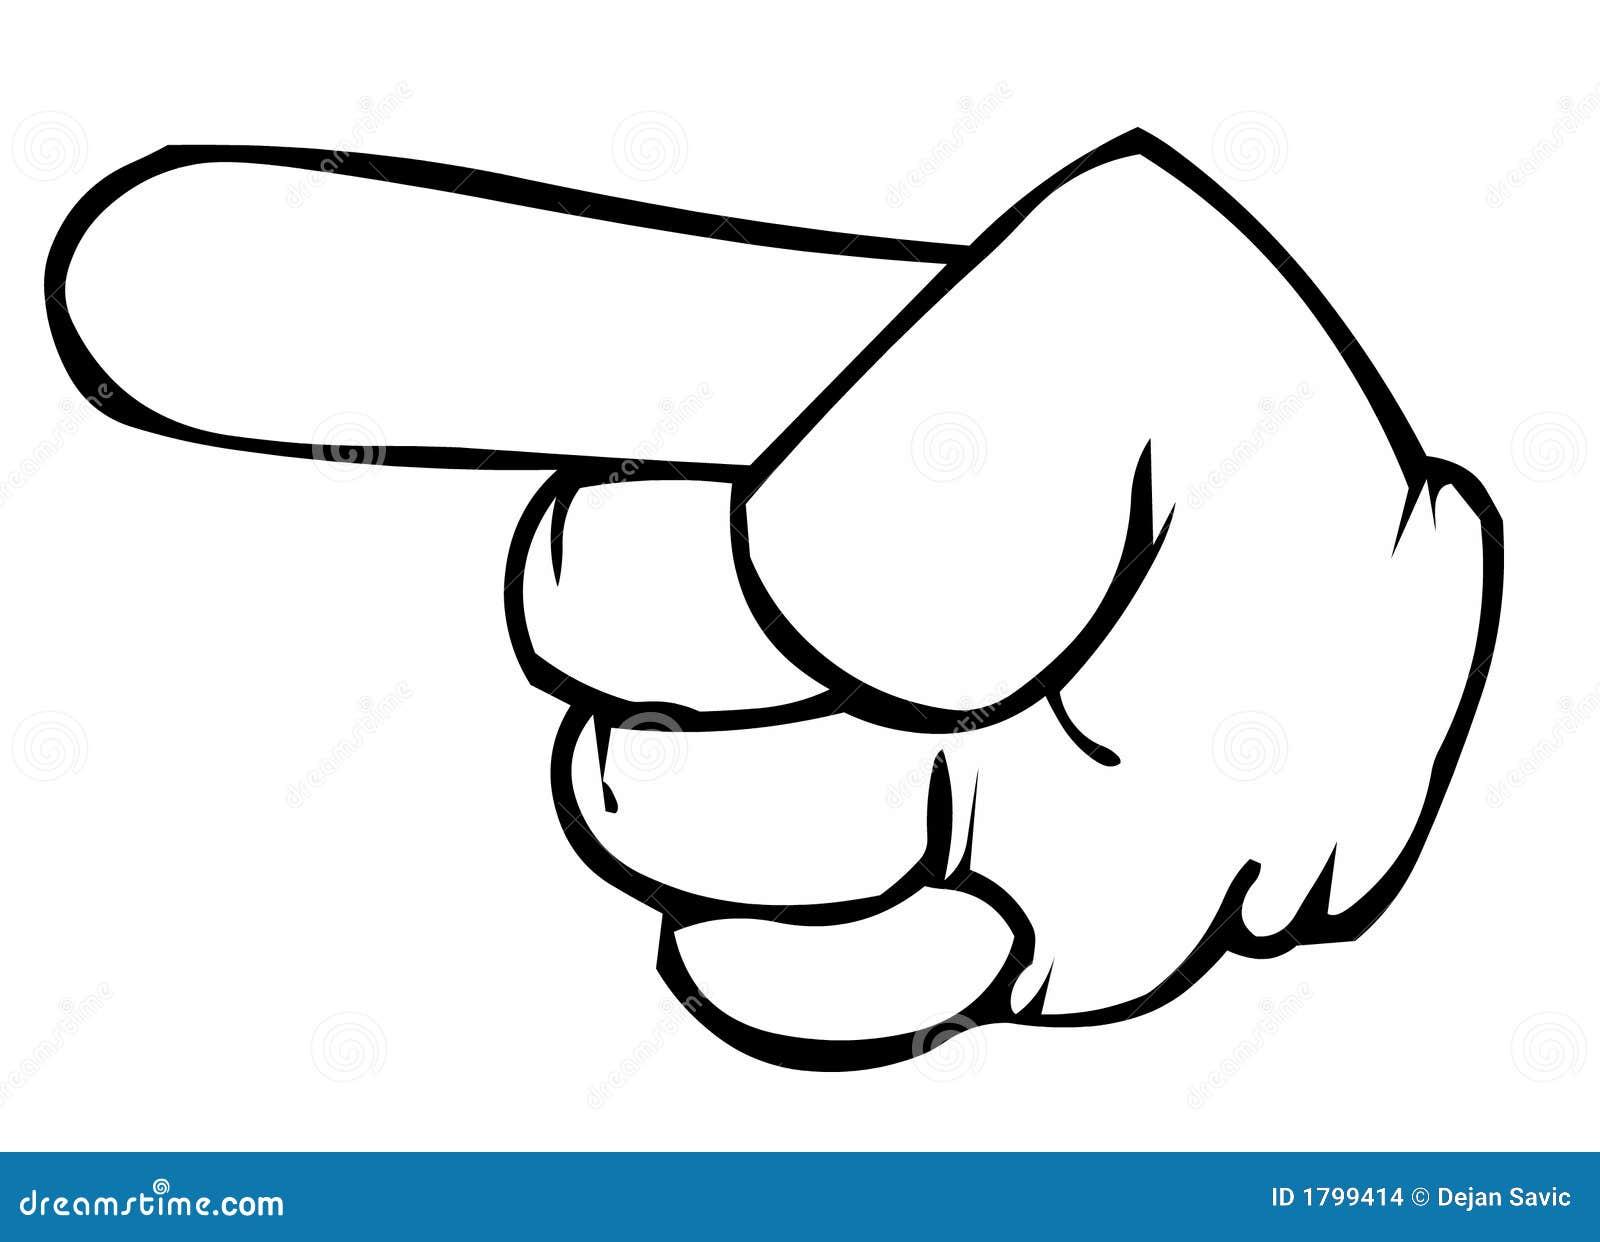 wijsvinger stock illustratie illustratie bestaande uit hand pointing up clipart pointing hand clipart free